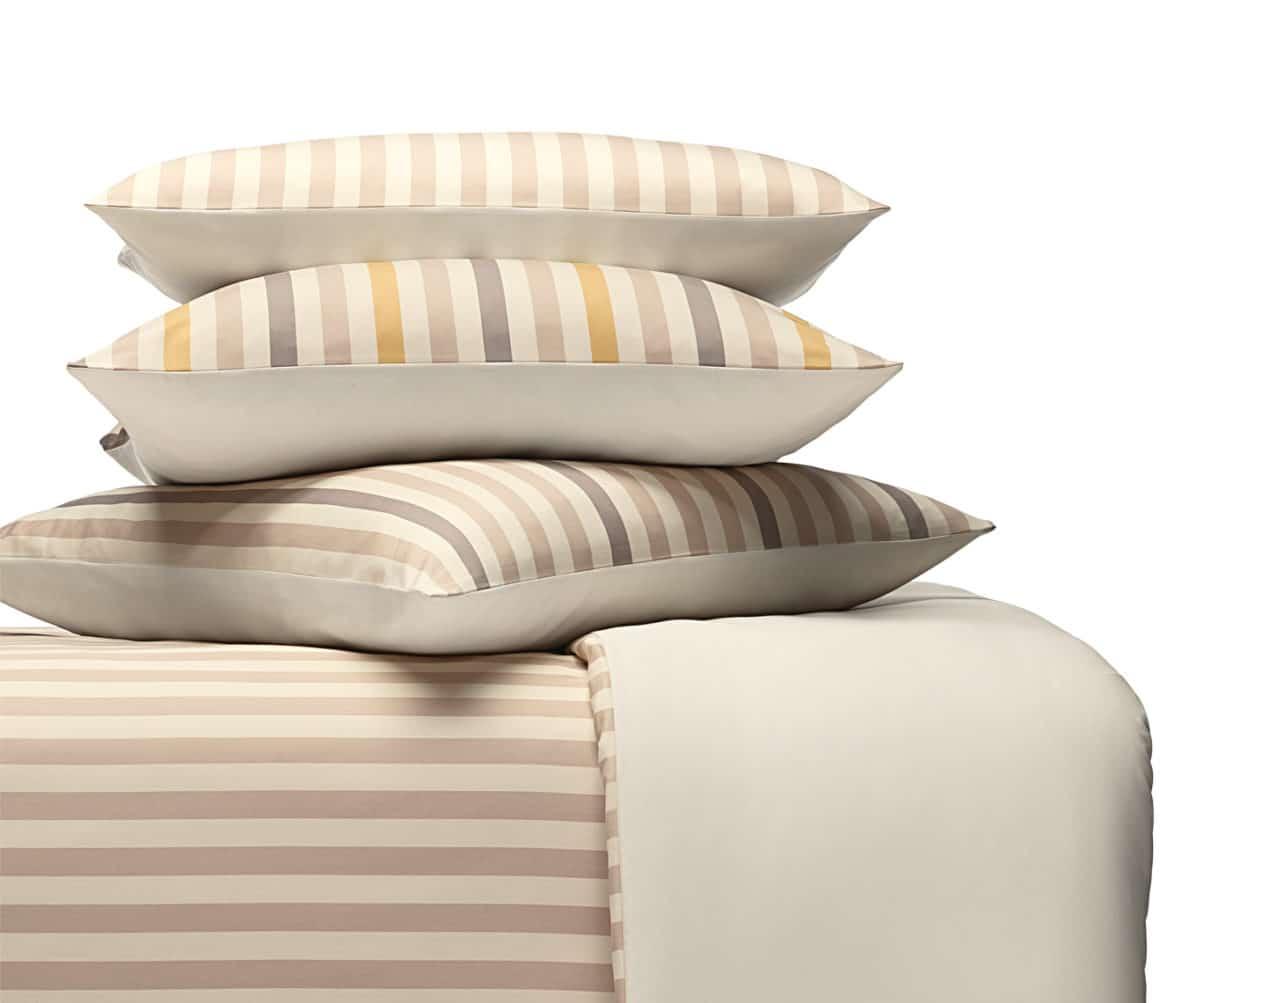 Bettwäsche Satin Linell aus kbA Baumwolle